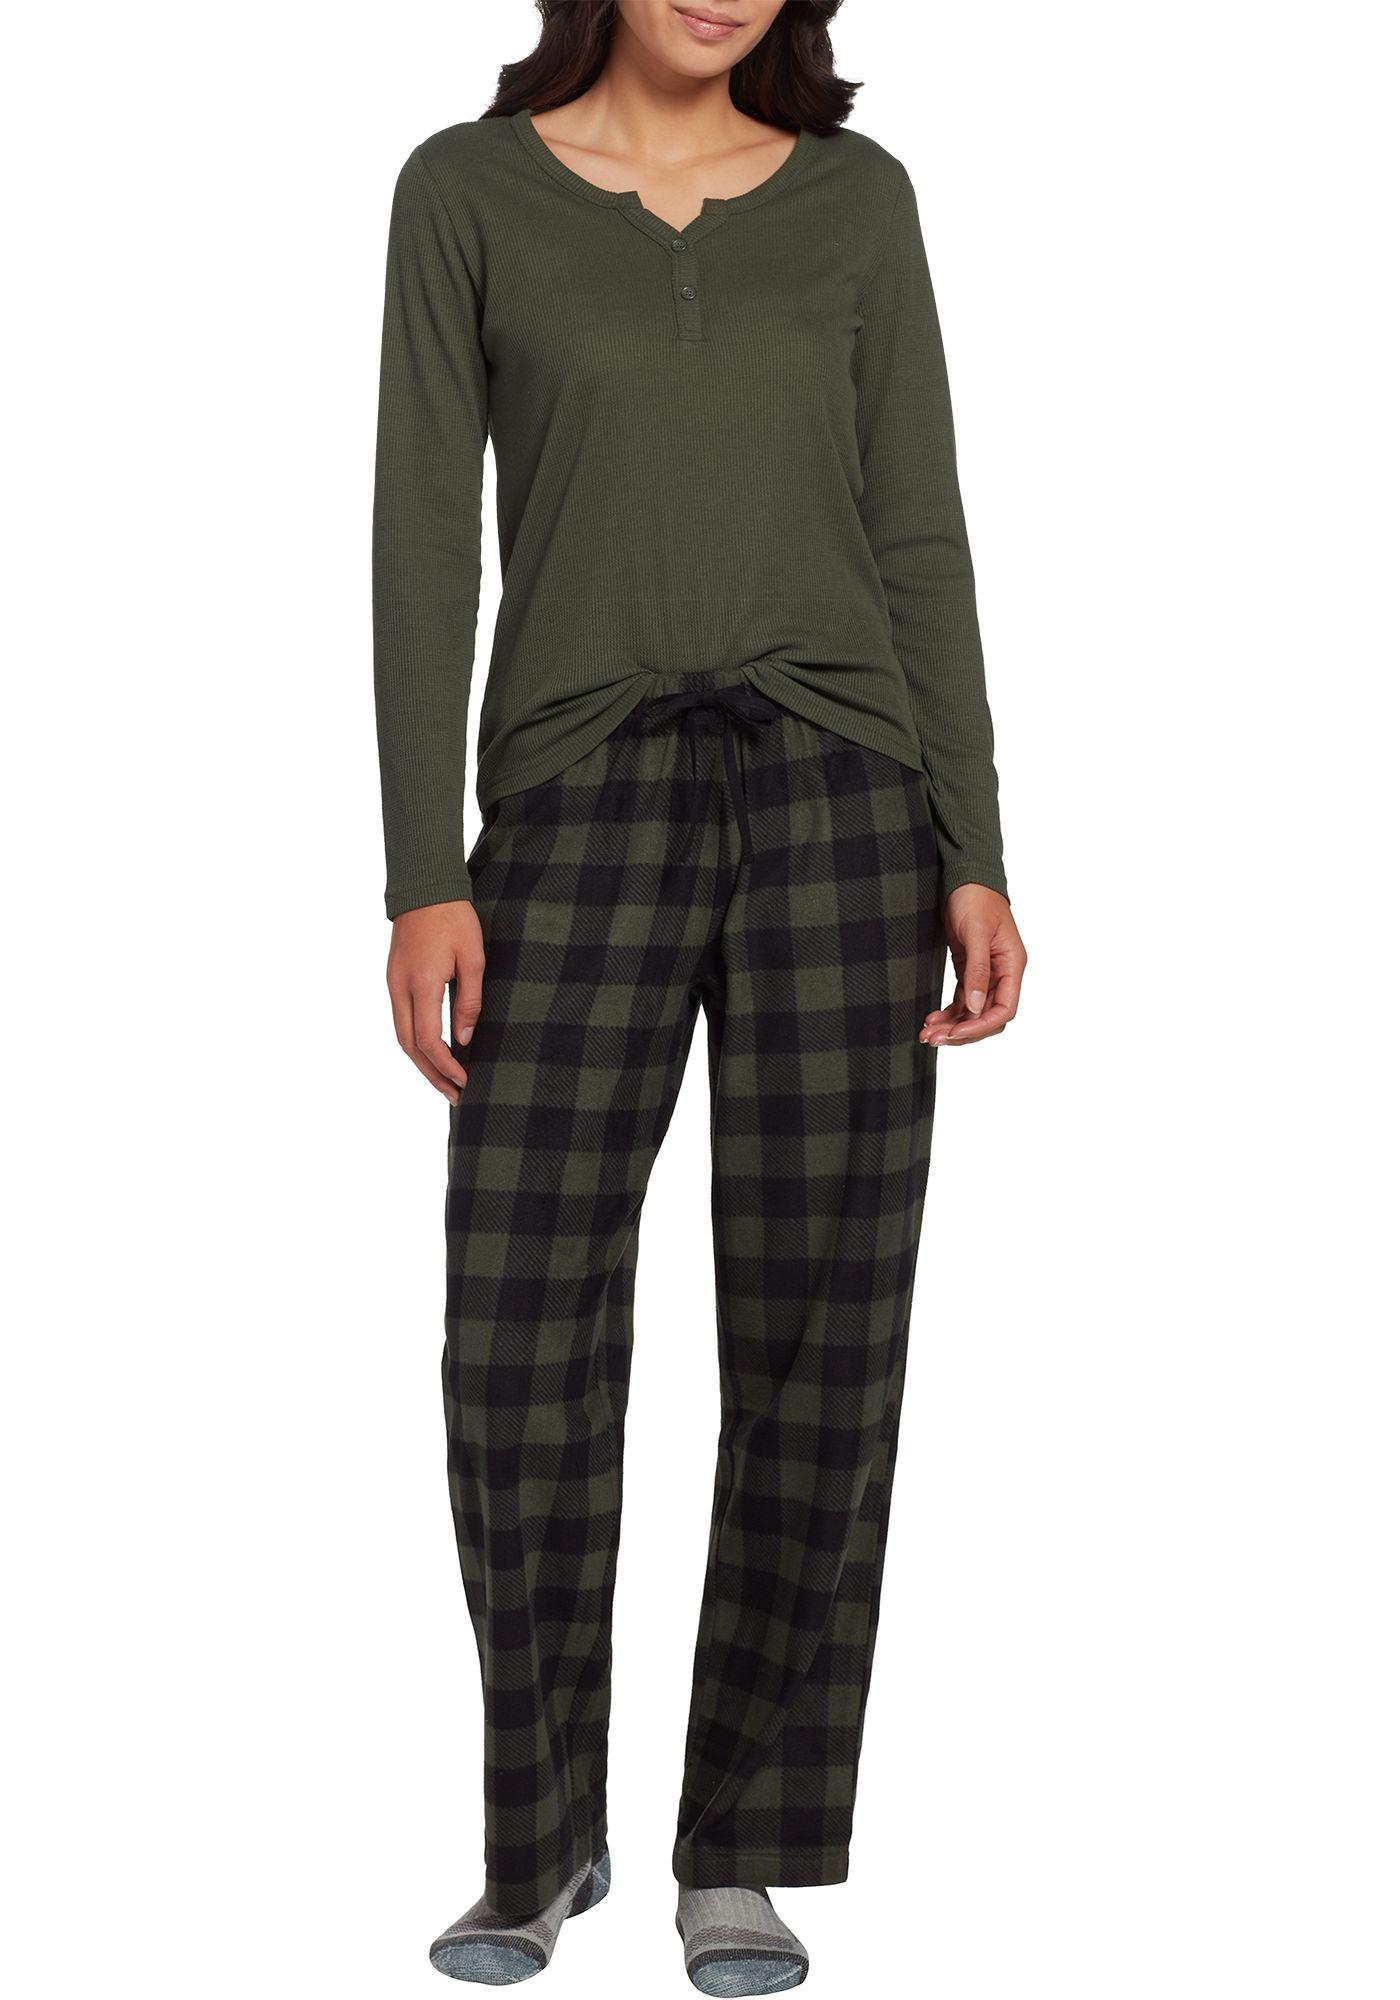 Field & Stream Women's Cozy 2-Piece Pajama Set